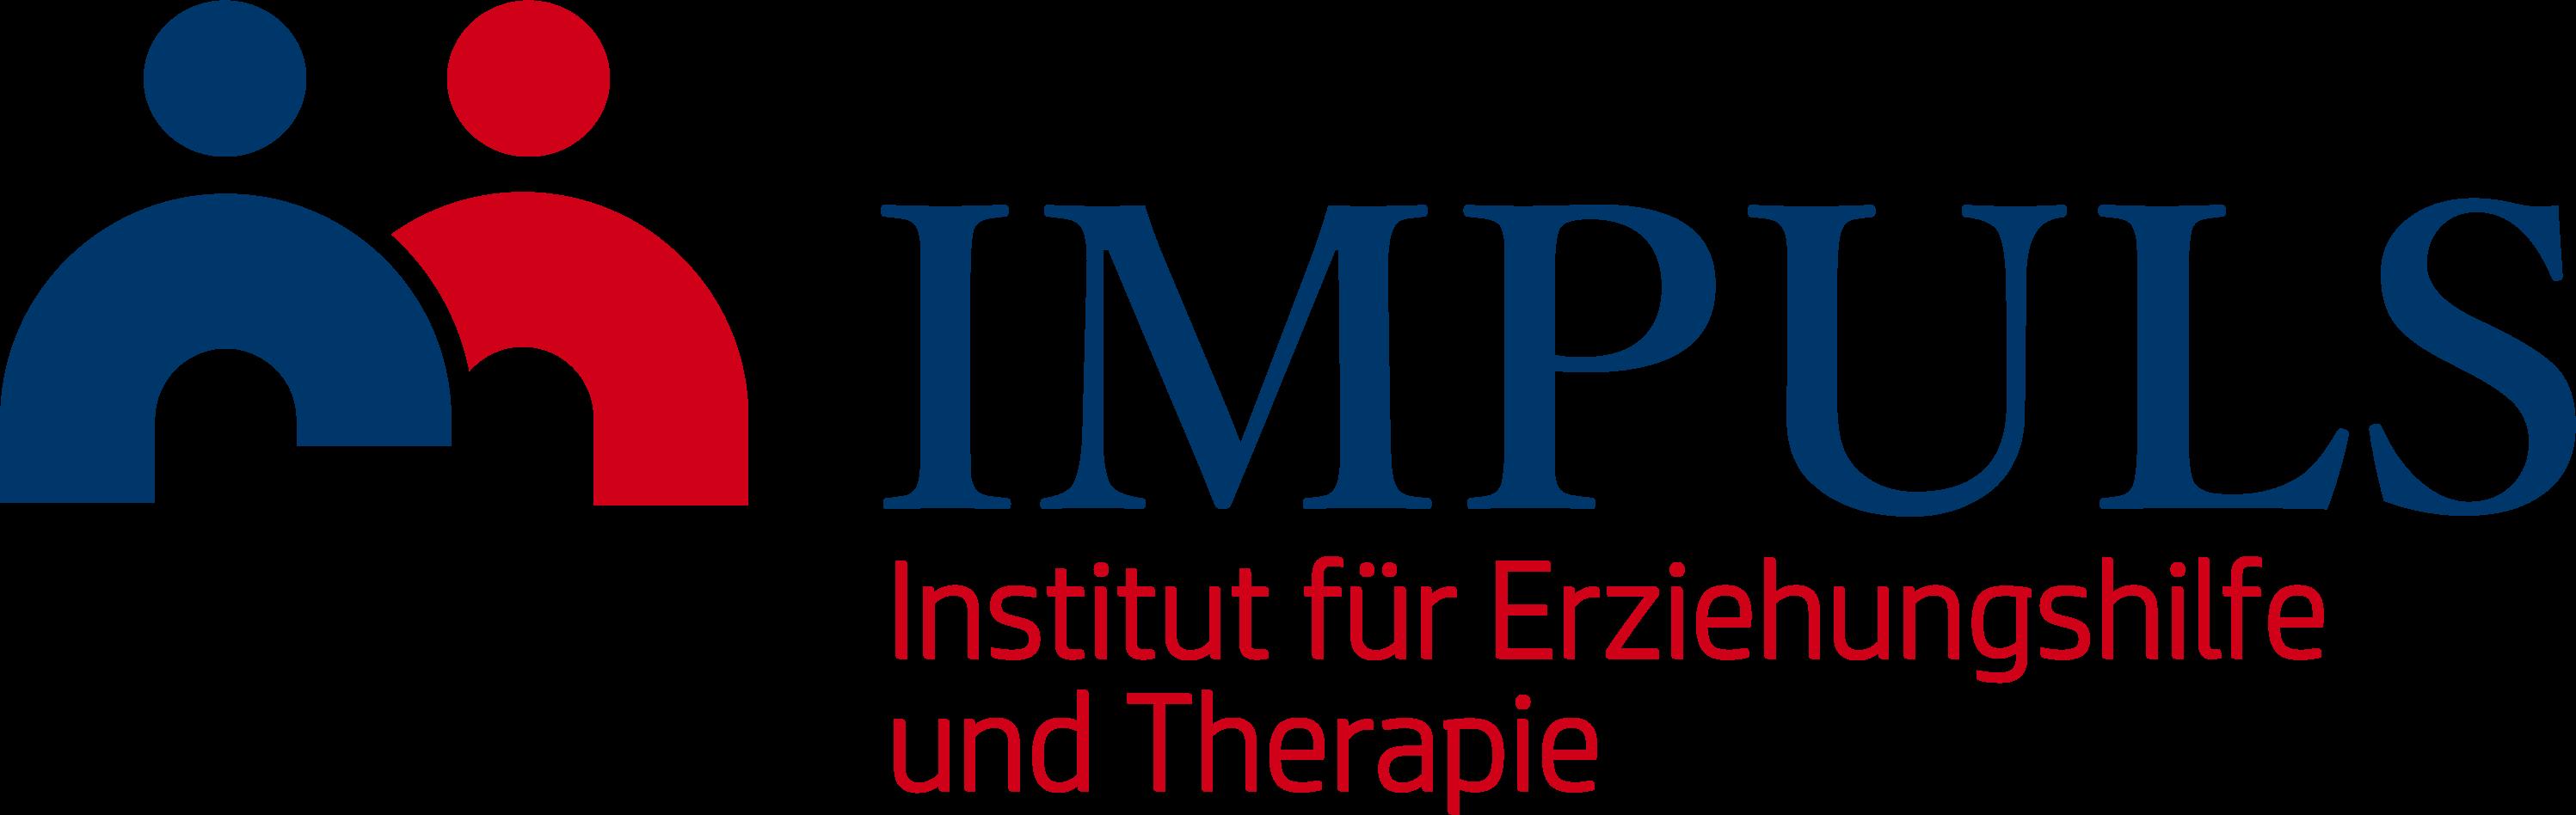 Impuls GmbH Logo